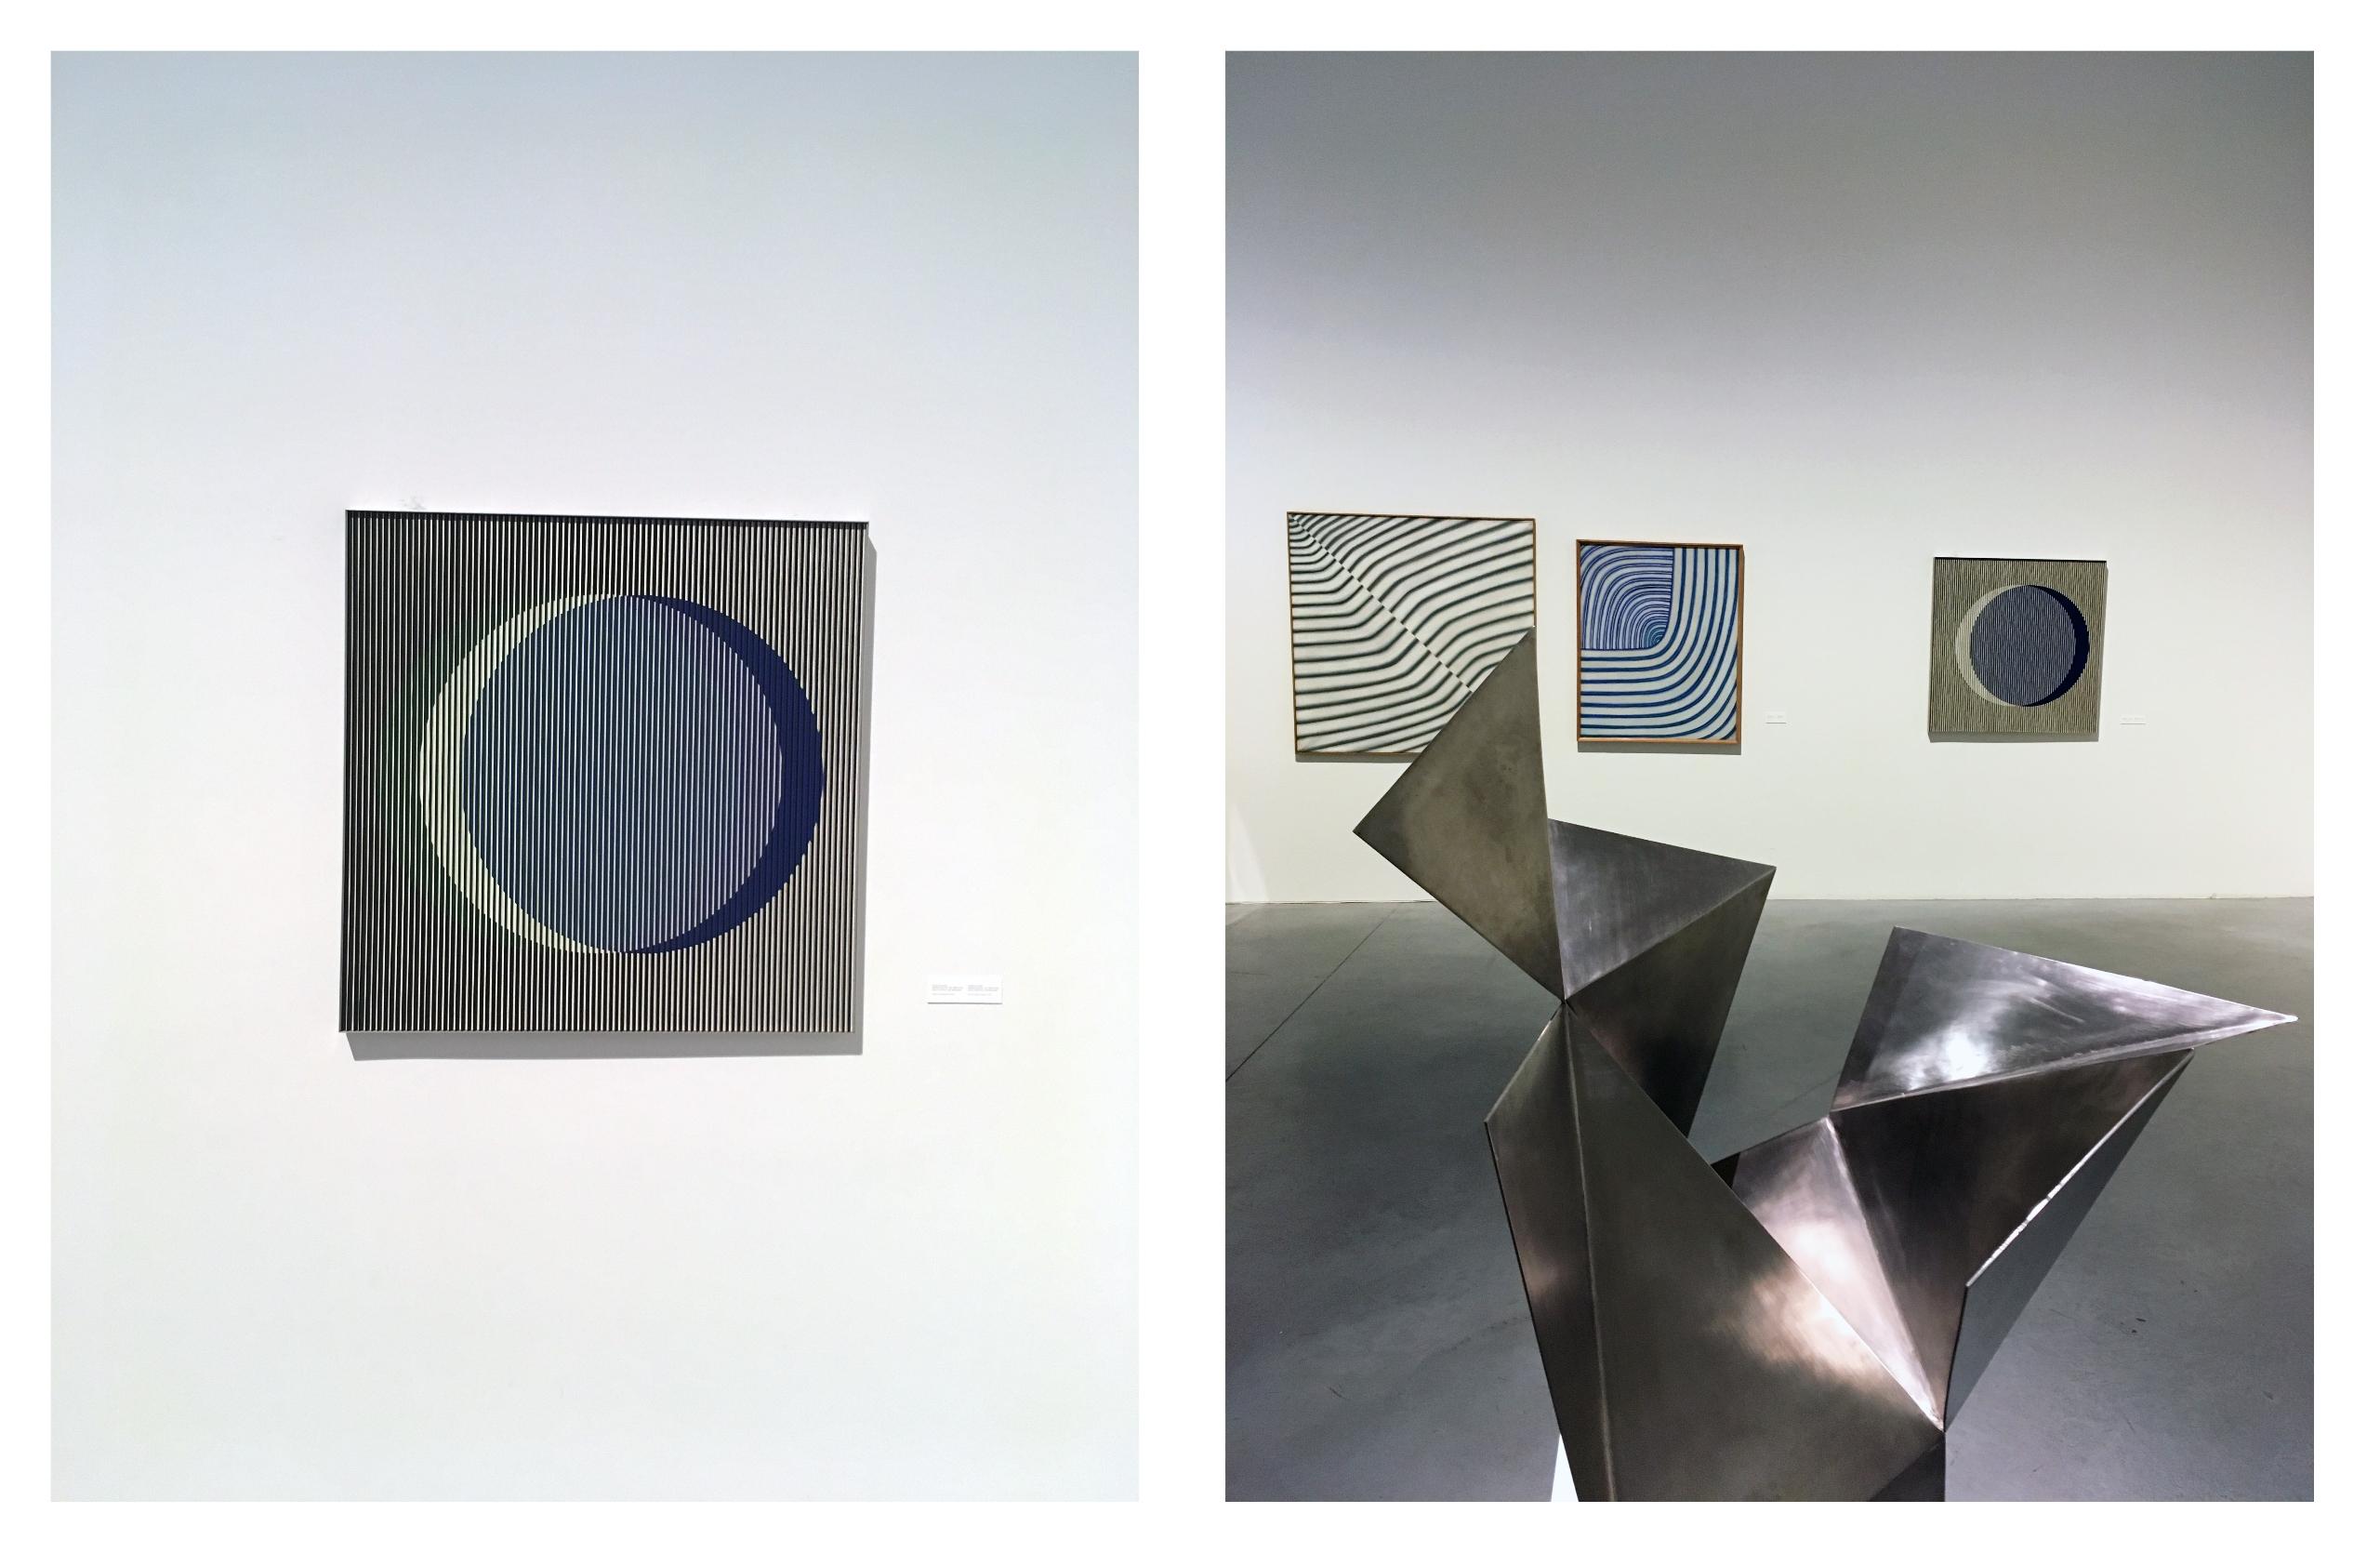 Obraz przedstawia dwa zdjęcia. Na zdjęciu po lewej stronie widzimy obraz na białej ścianie, na zdjęciu po prawej rzeźbę z metalu, a w tle obrazy na białej ścianie.